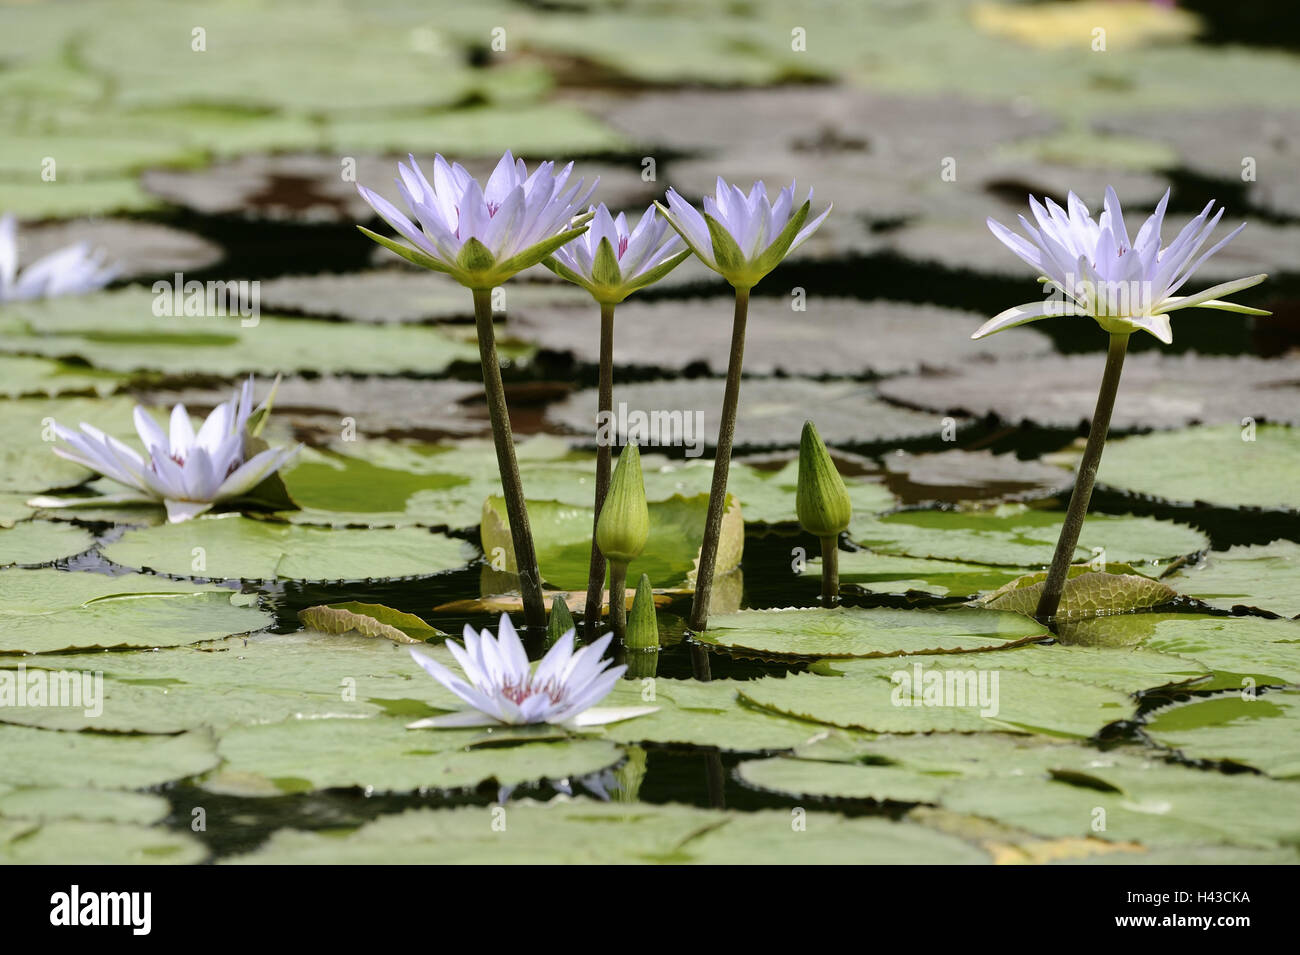 Etang Nenuphars Fleurs Blanc Plante Plantes De L Eau De L Eau